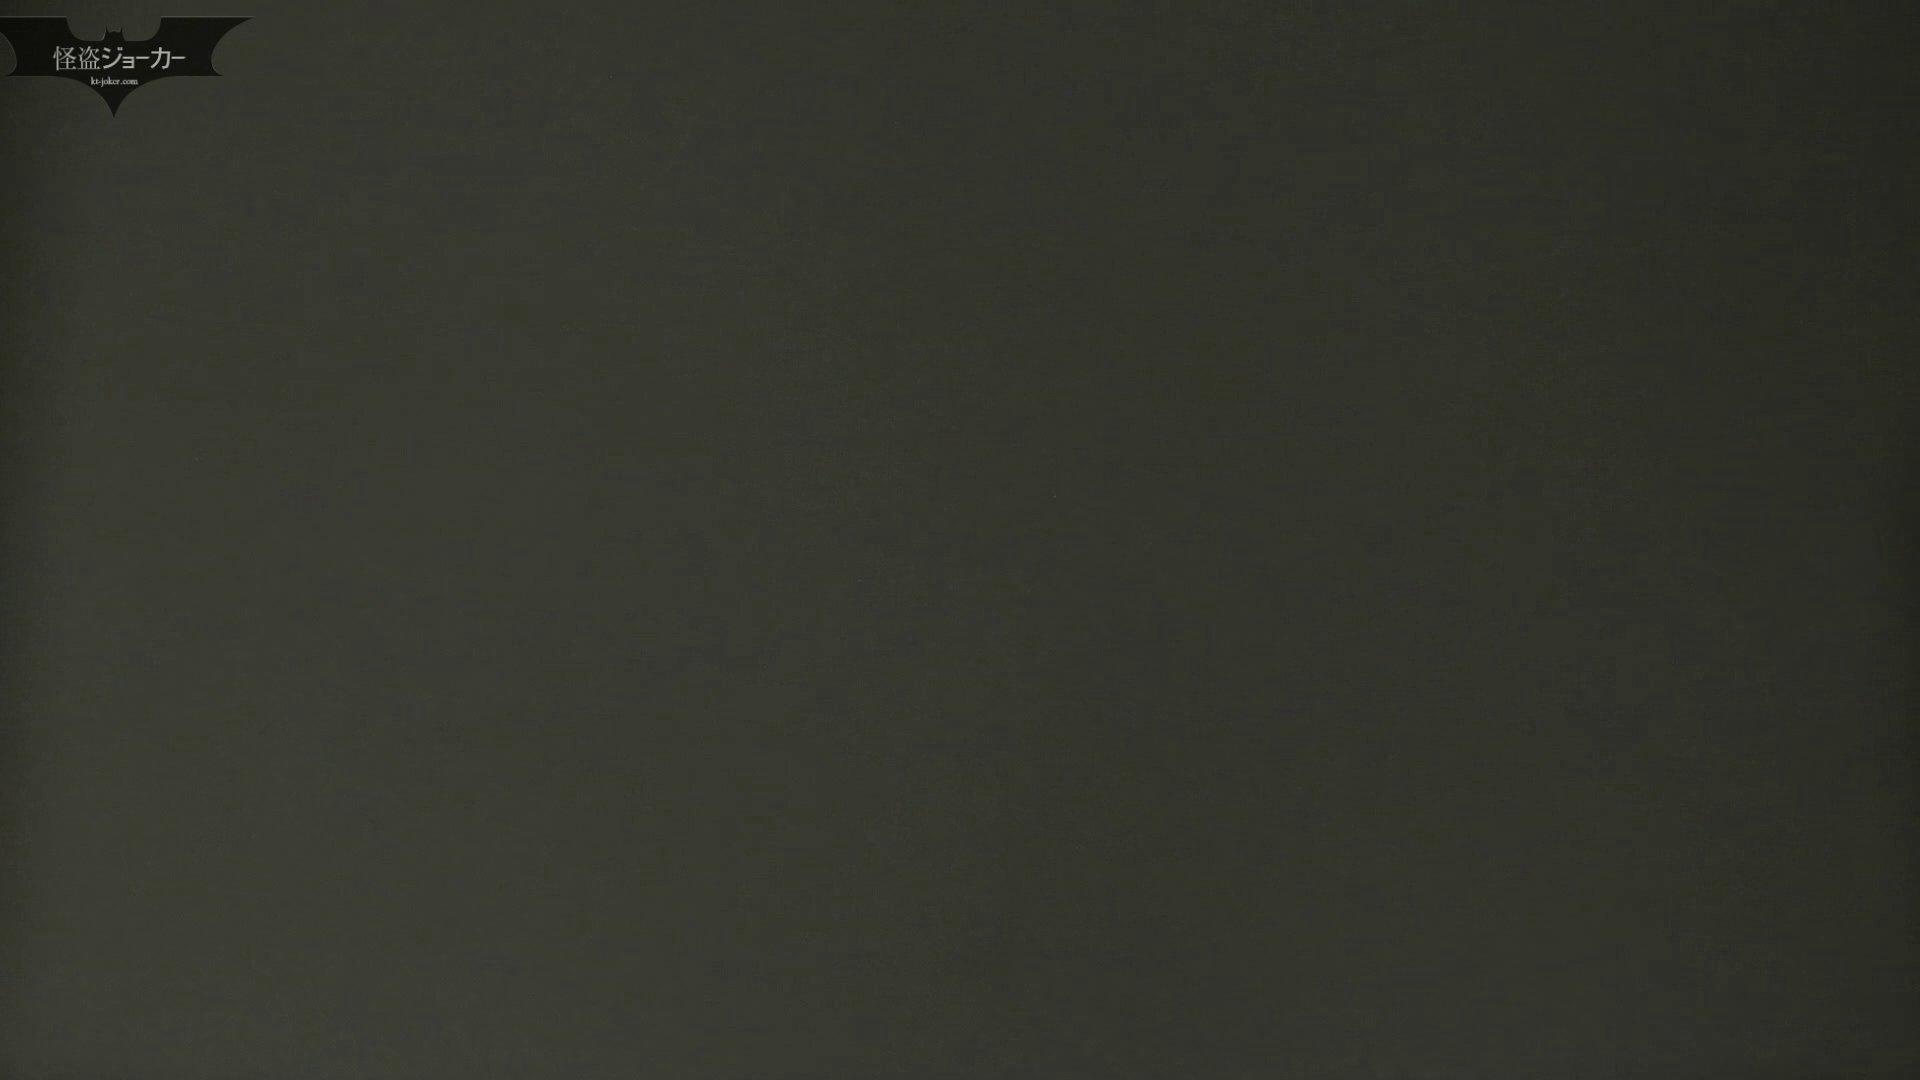 洗面所特攻隊 vol.049 飲みすぎちゃってリバース! 高画質  109PIX 75